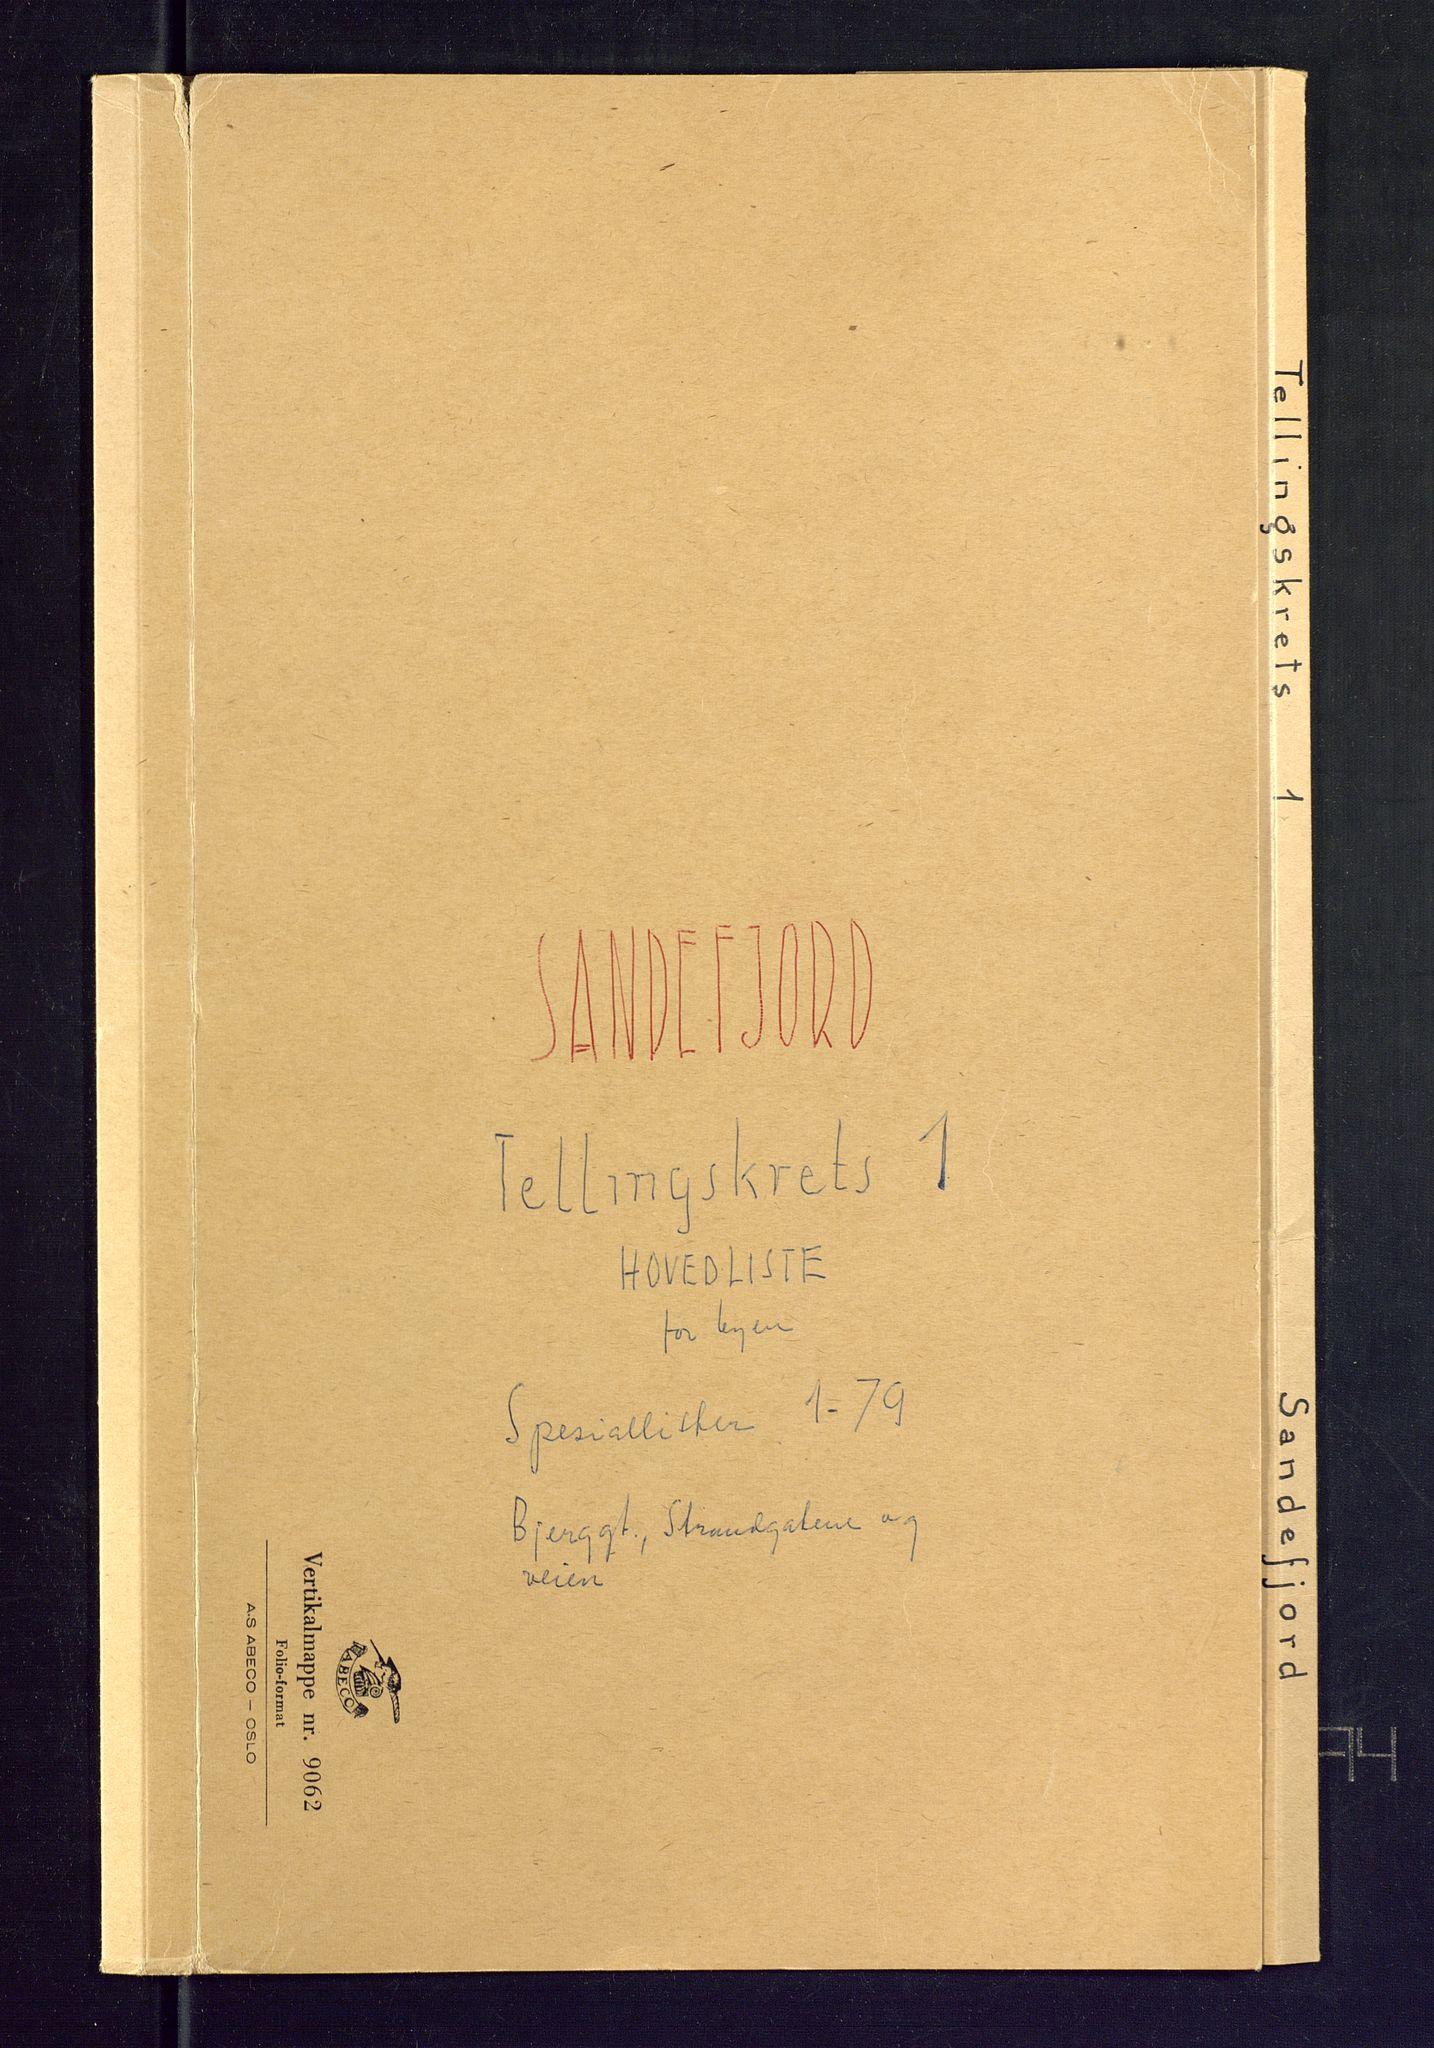 SAKO, Folketelling 1875 for 0706B Sandeherred prestegjeld, Sandefjord kjøpstad, 1875, s. 1